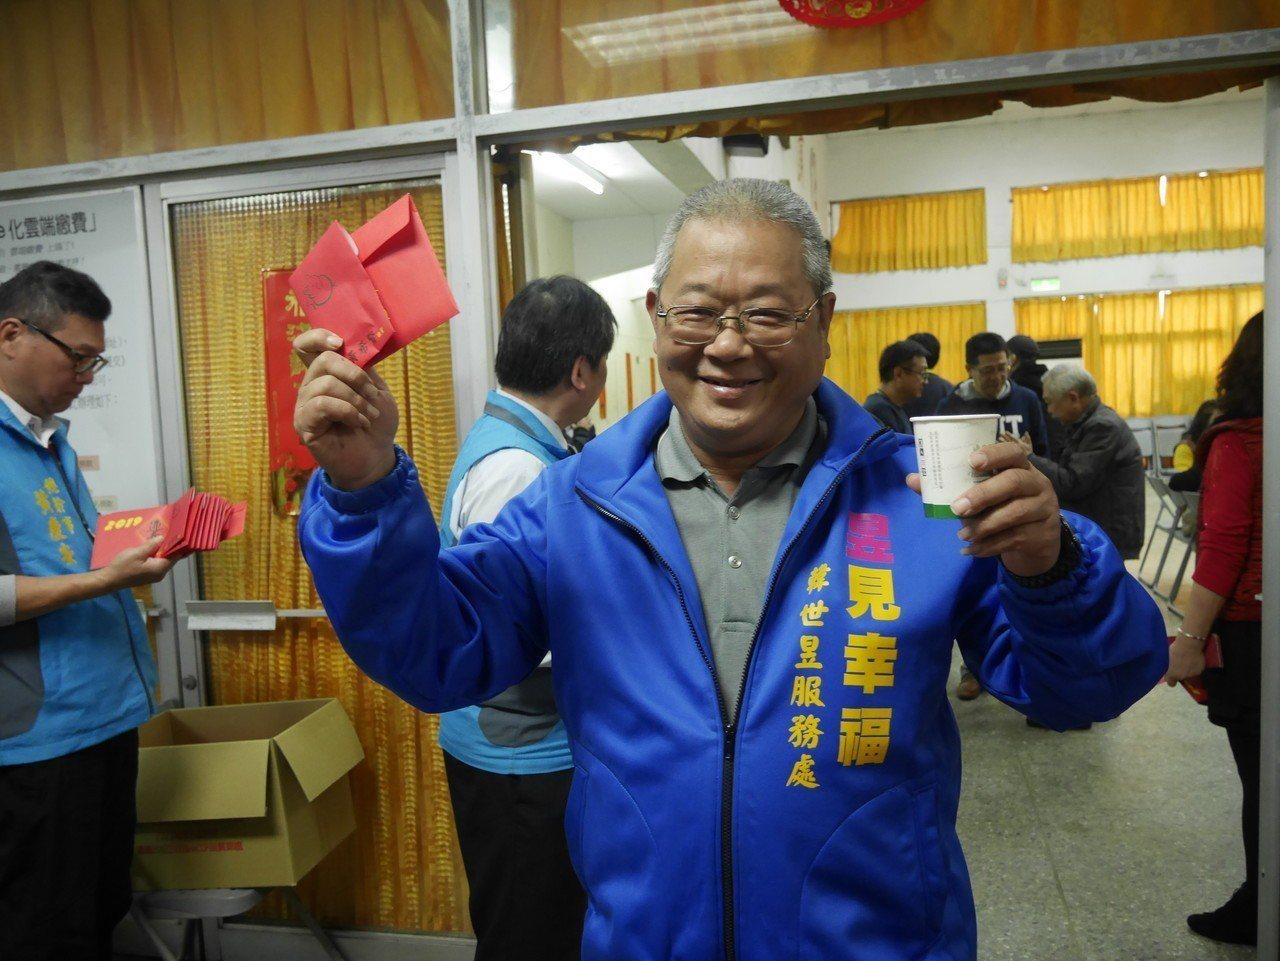 韓良圻拿到主委紅包,笑得好開心。記者吳淑君/攝影